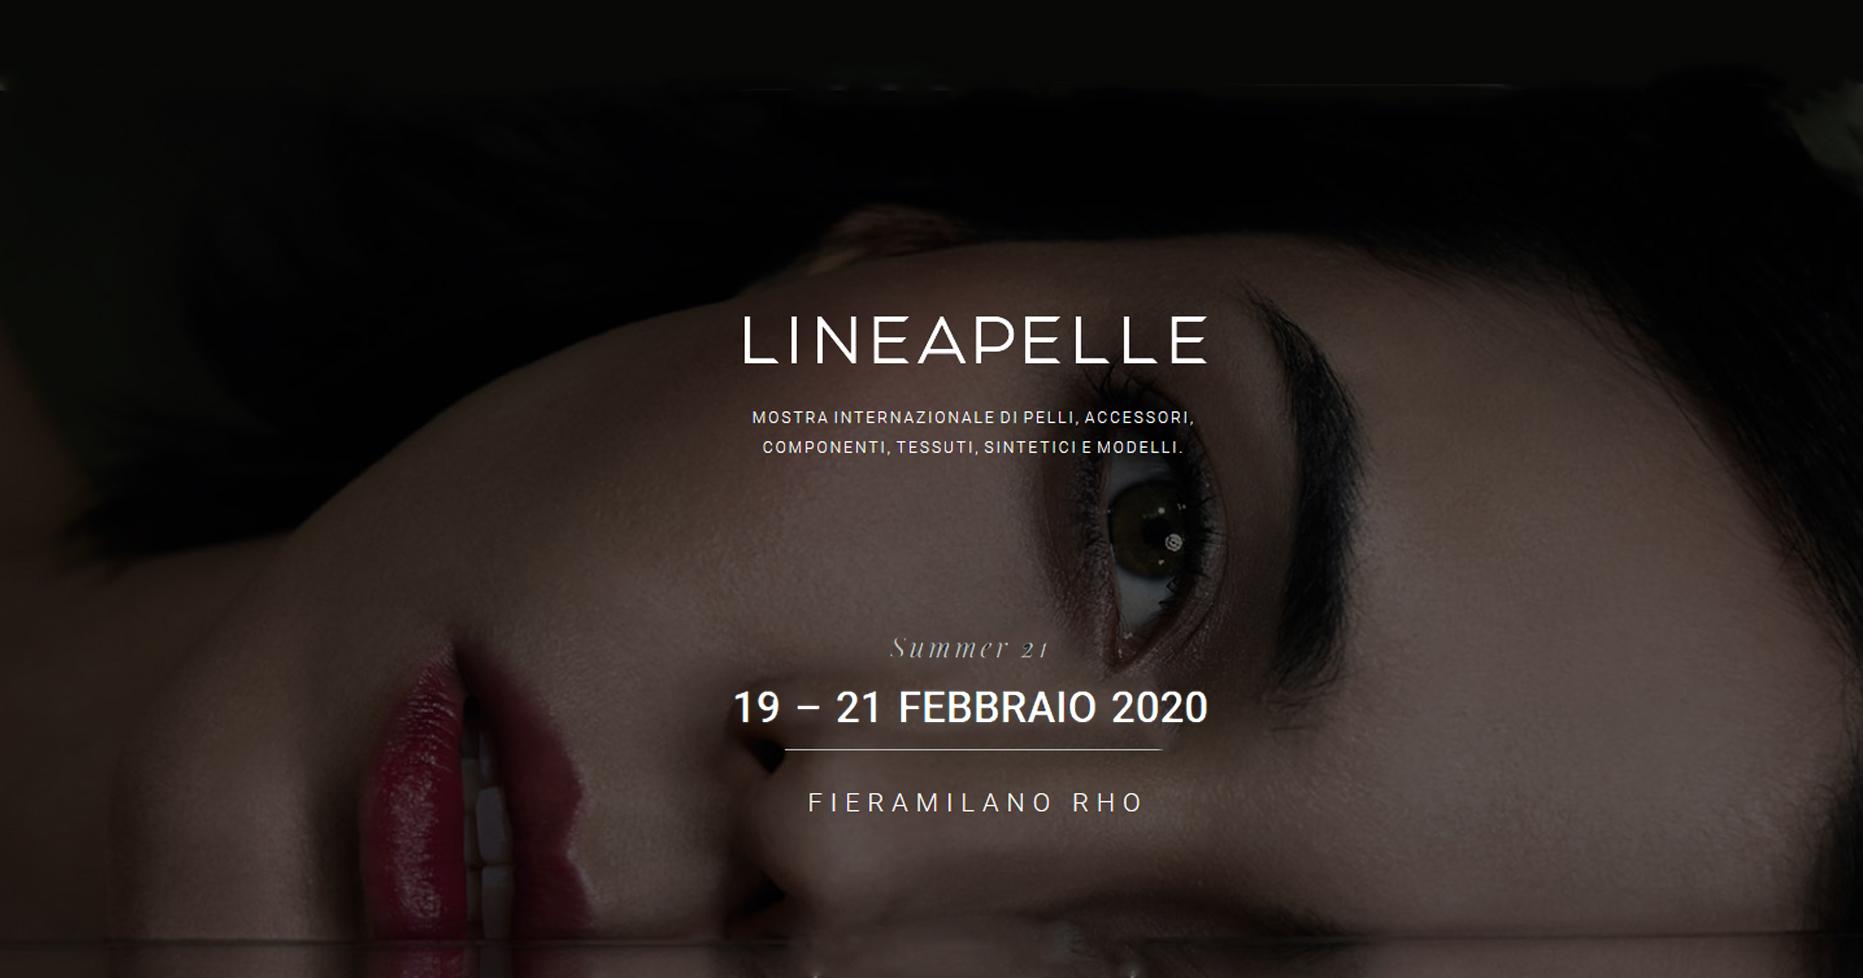 Linea Pelle Lineapelle 2020 Fiera Milano Rho Hotel Monica